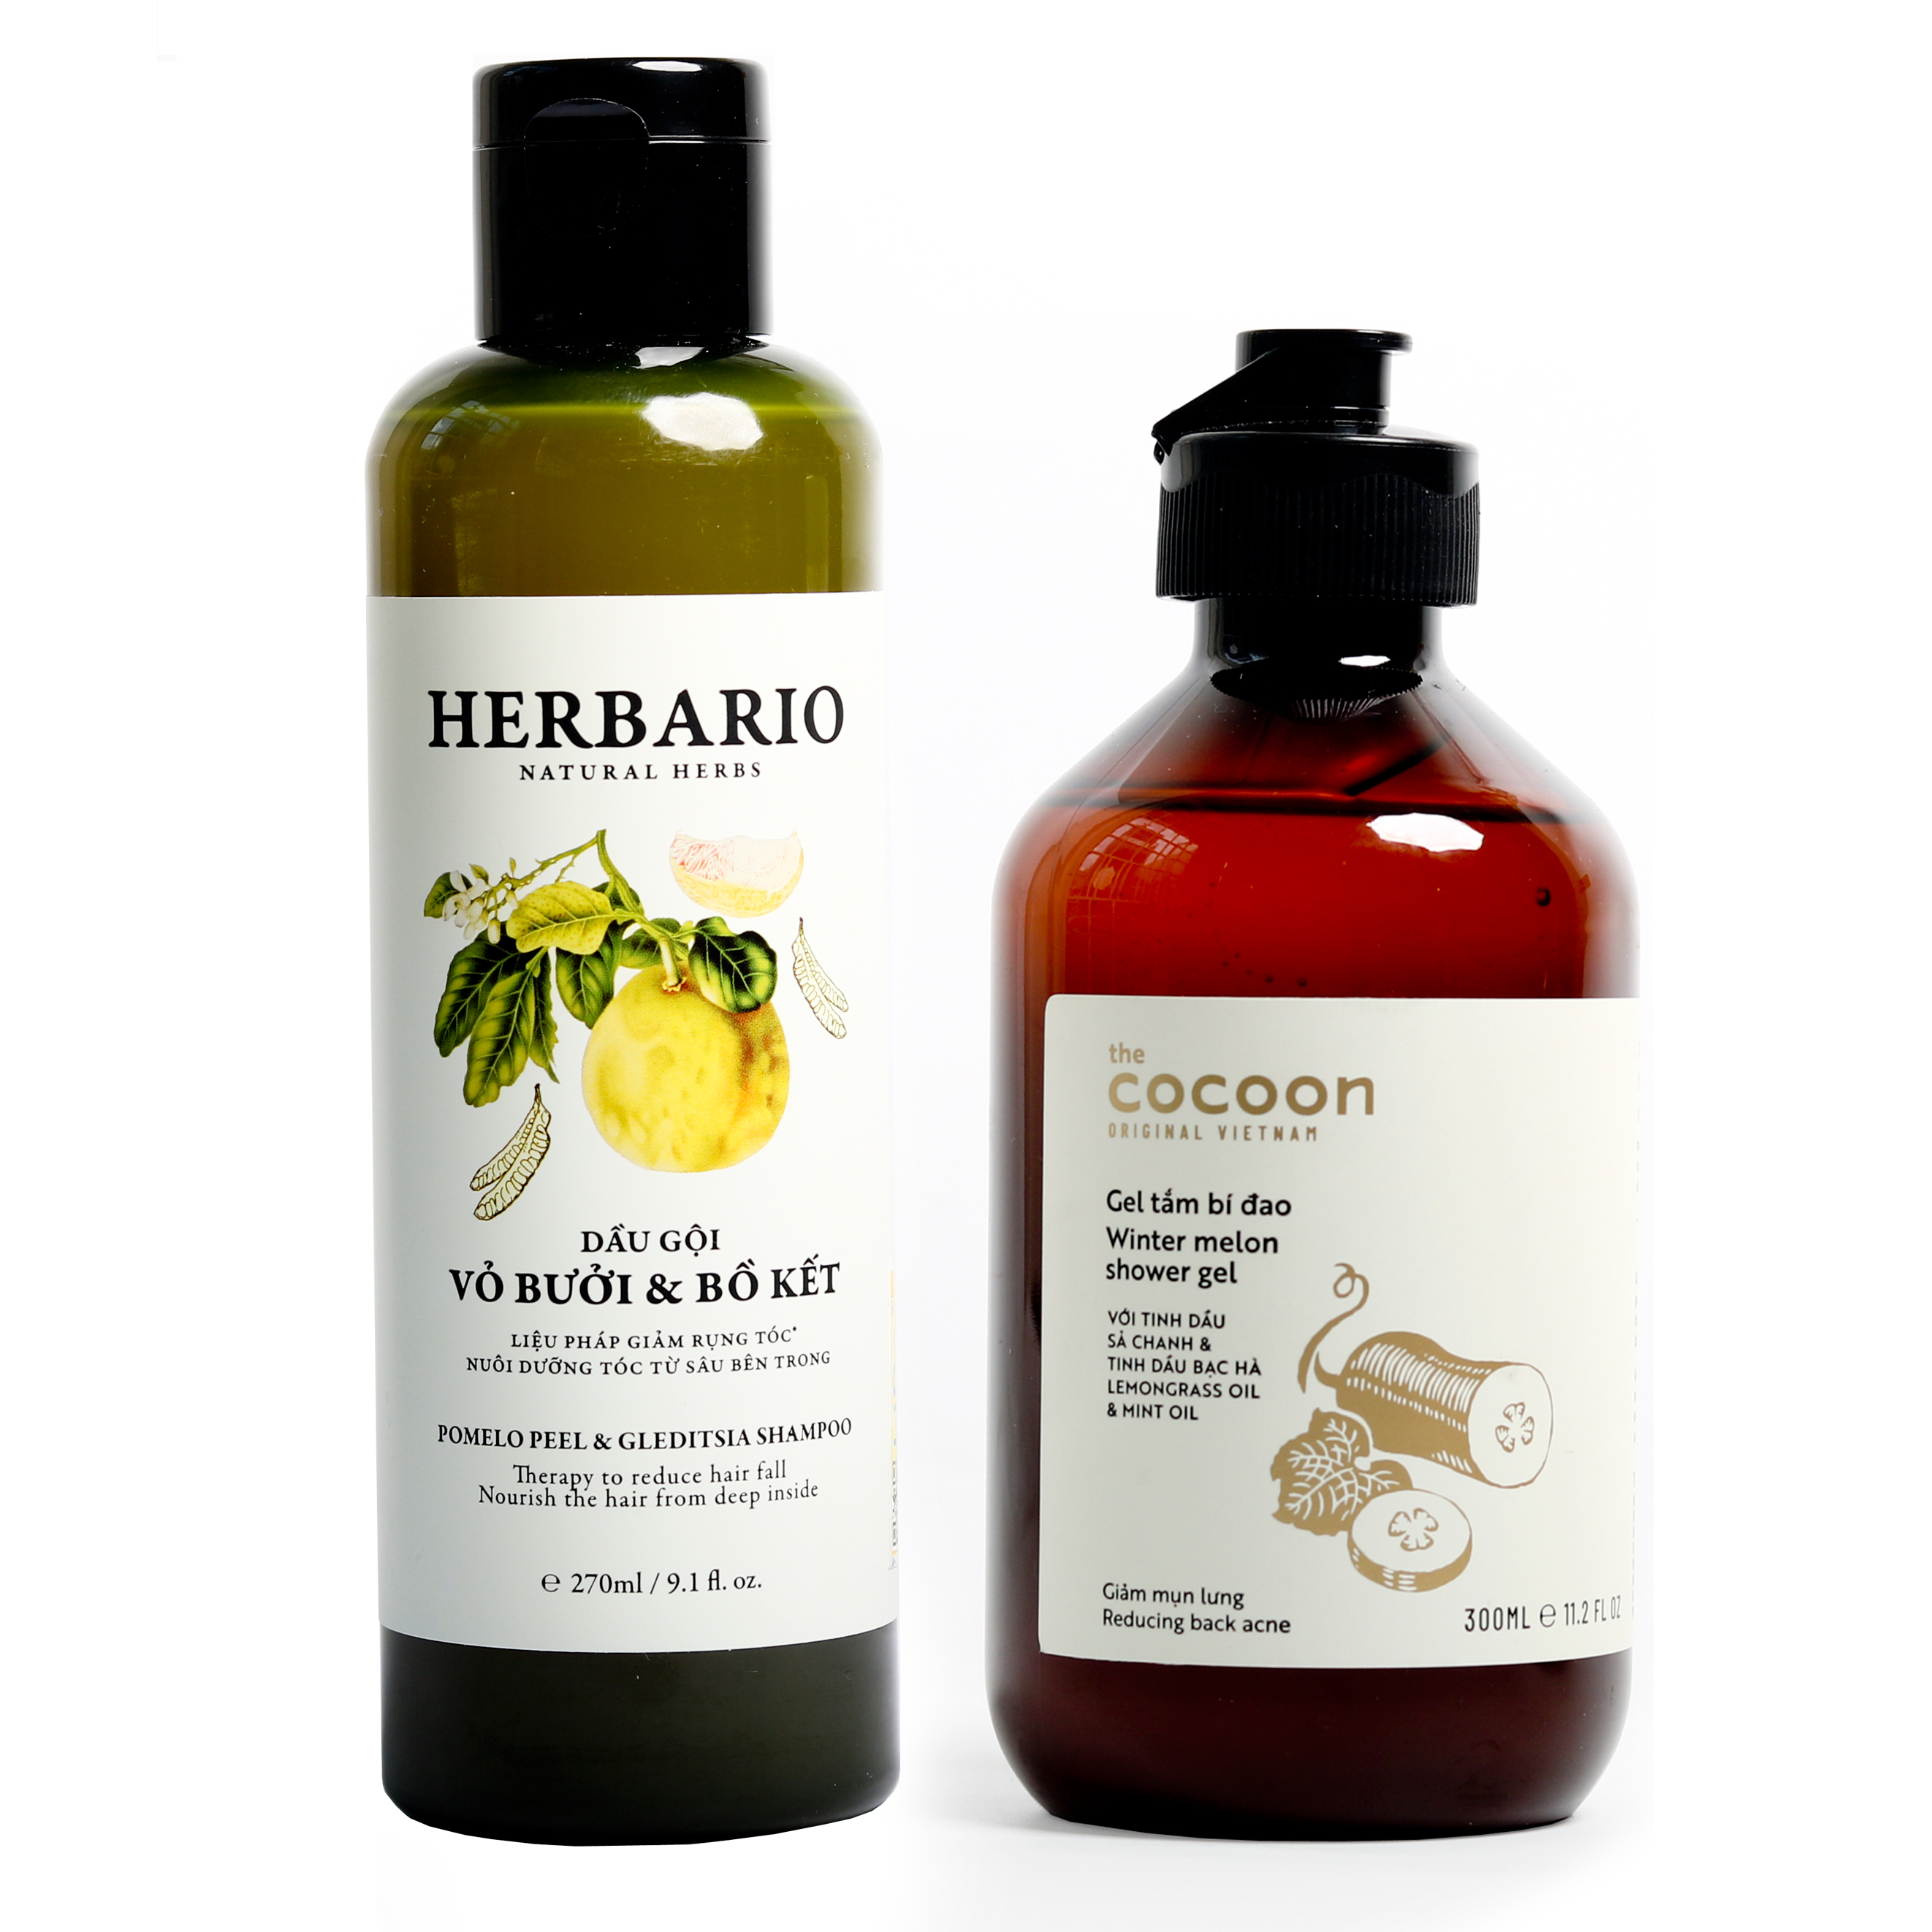 Bộ dầu gội bưởi bồ kết Herbario (270ml) +  gel tắm bí đao Cocoon (500ml)